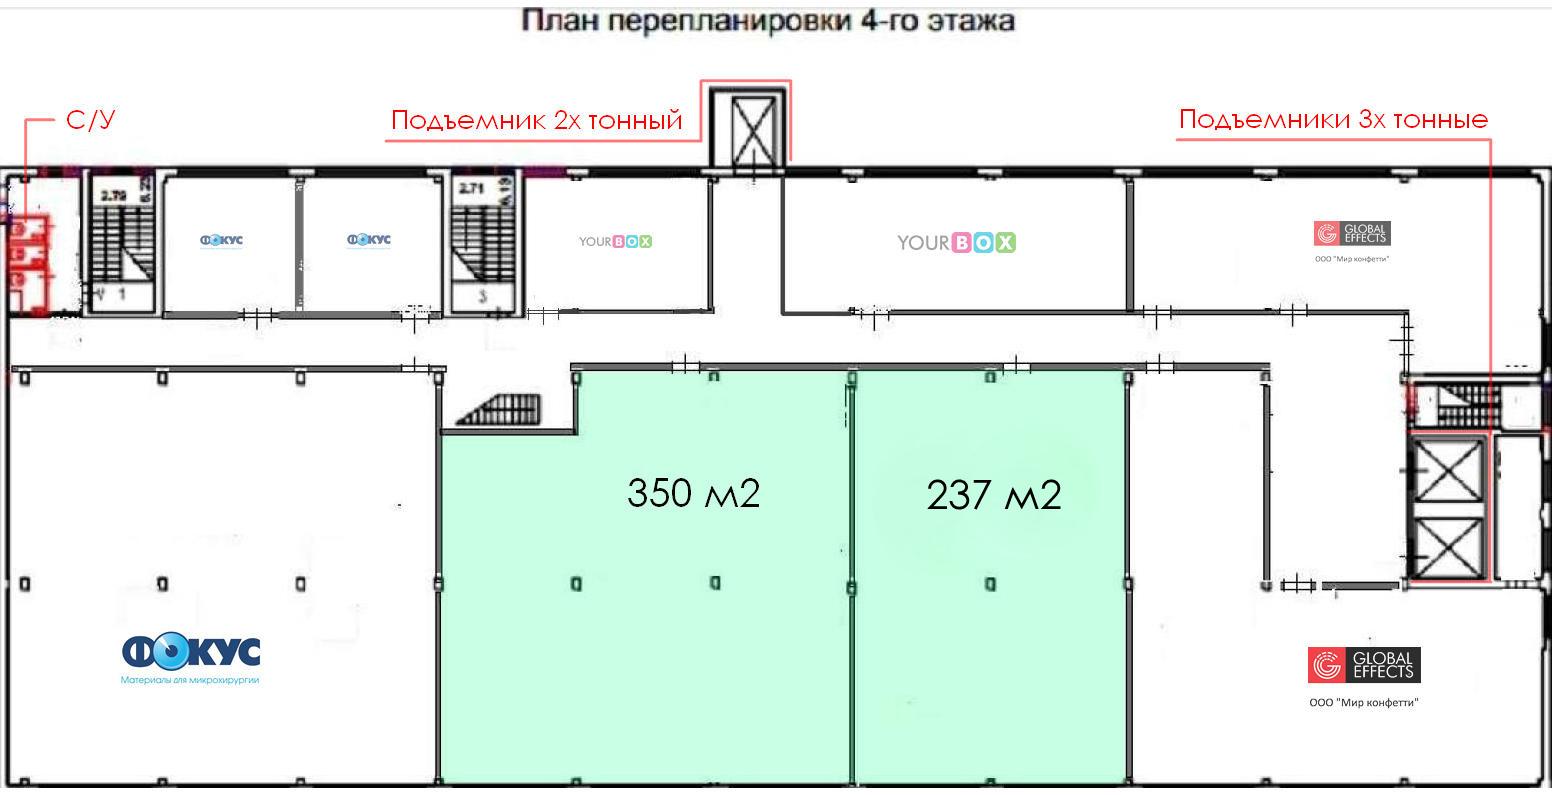 аренда склада 200 и 350 м2